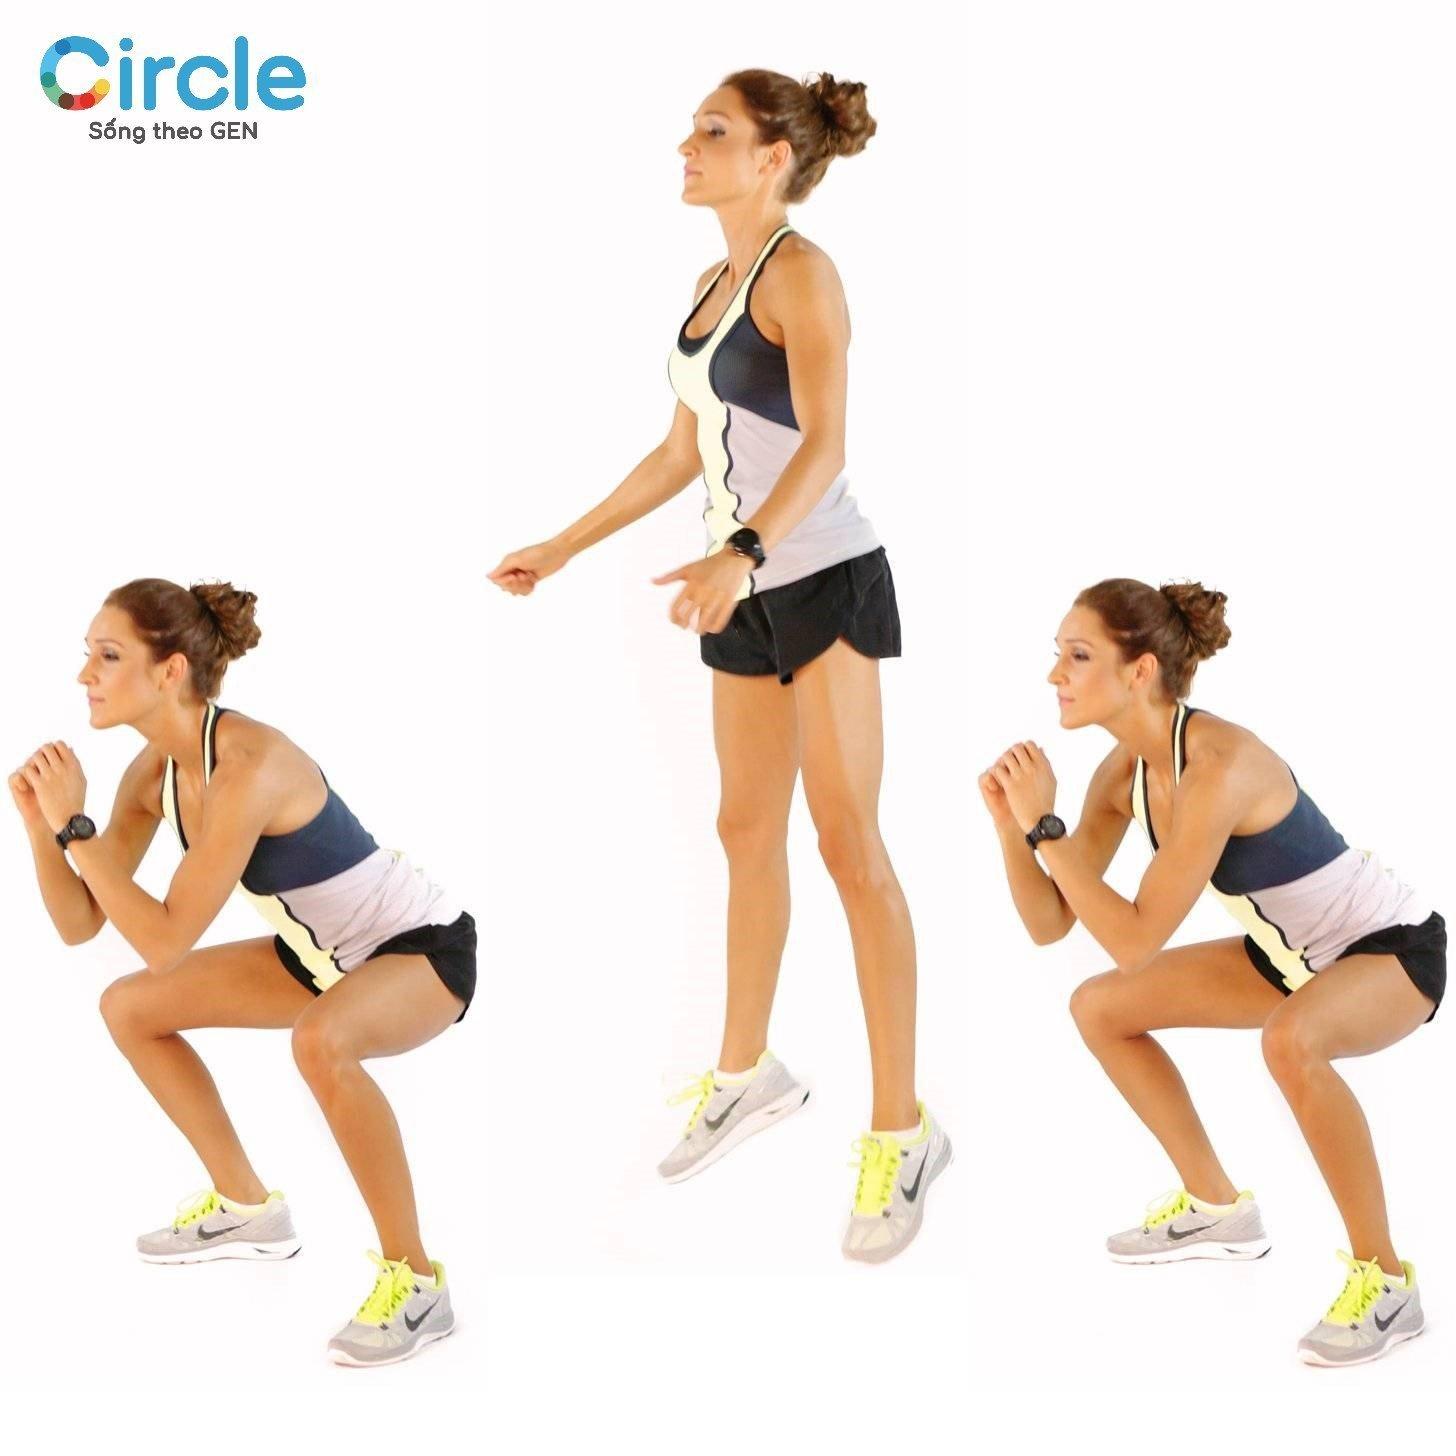 Quá quen thuộc với bài tập squat thông thường? Hãy thử bài tập giảm mỡ toàn thân Squat Jumps mới mẻ này nào!